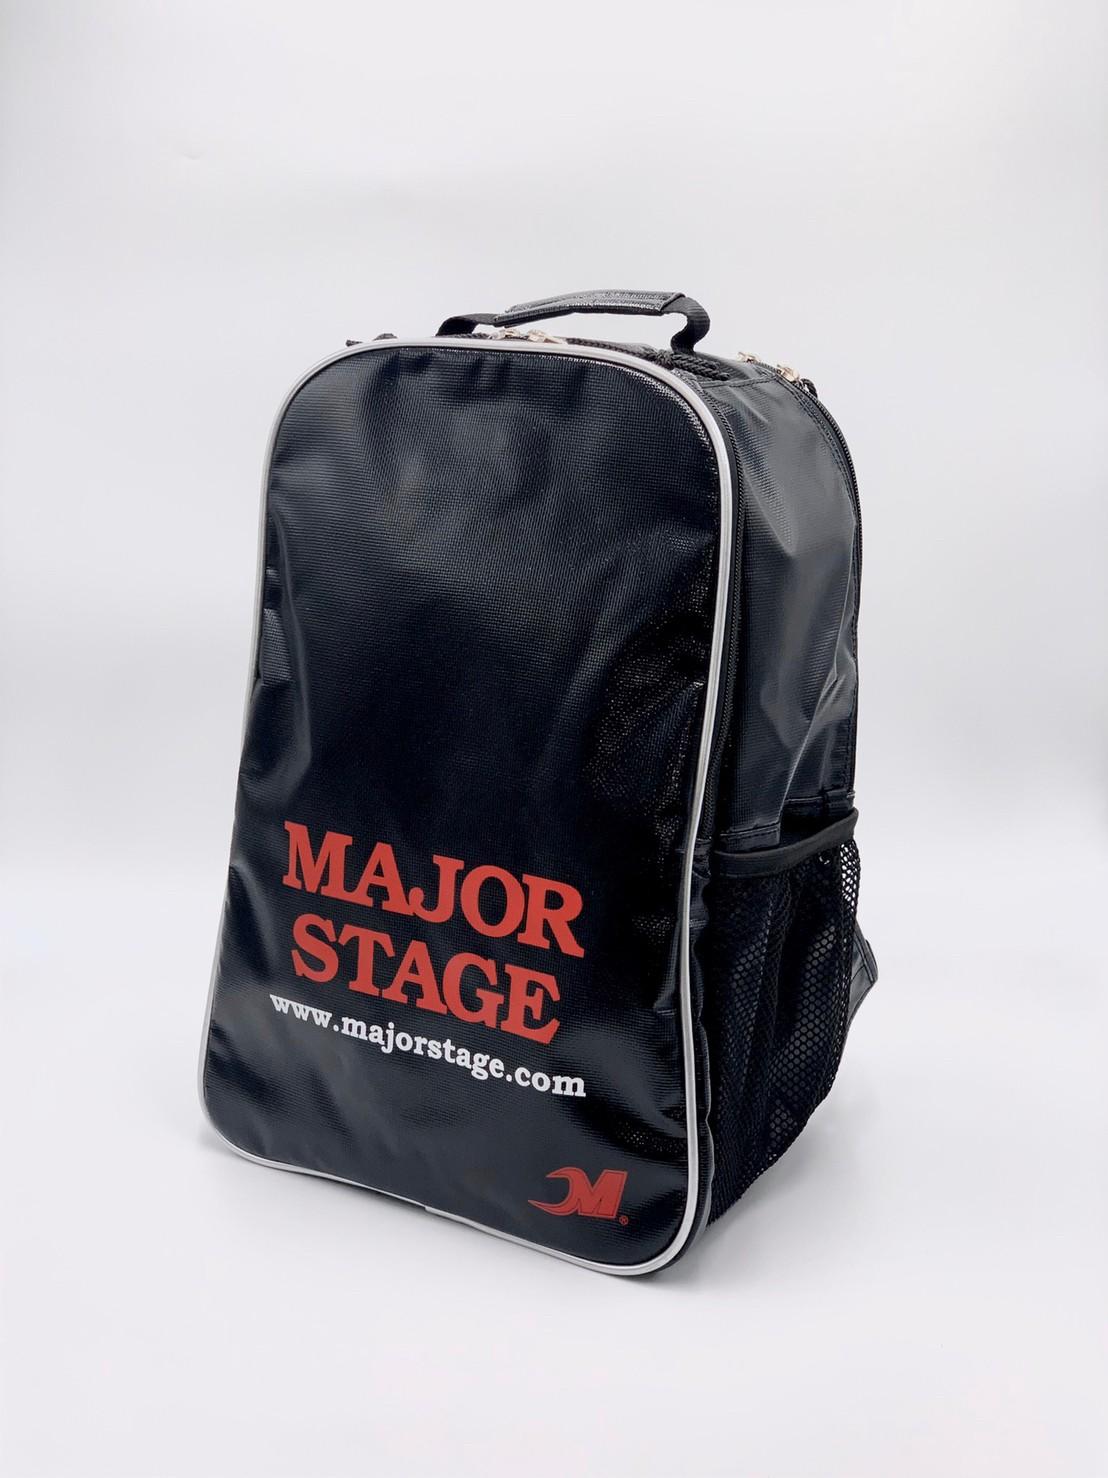 MAJOR STAGE(メジャーステージ) ACバッグパック ブラック MBP-905